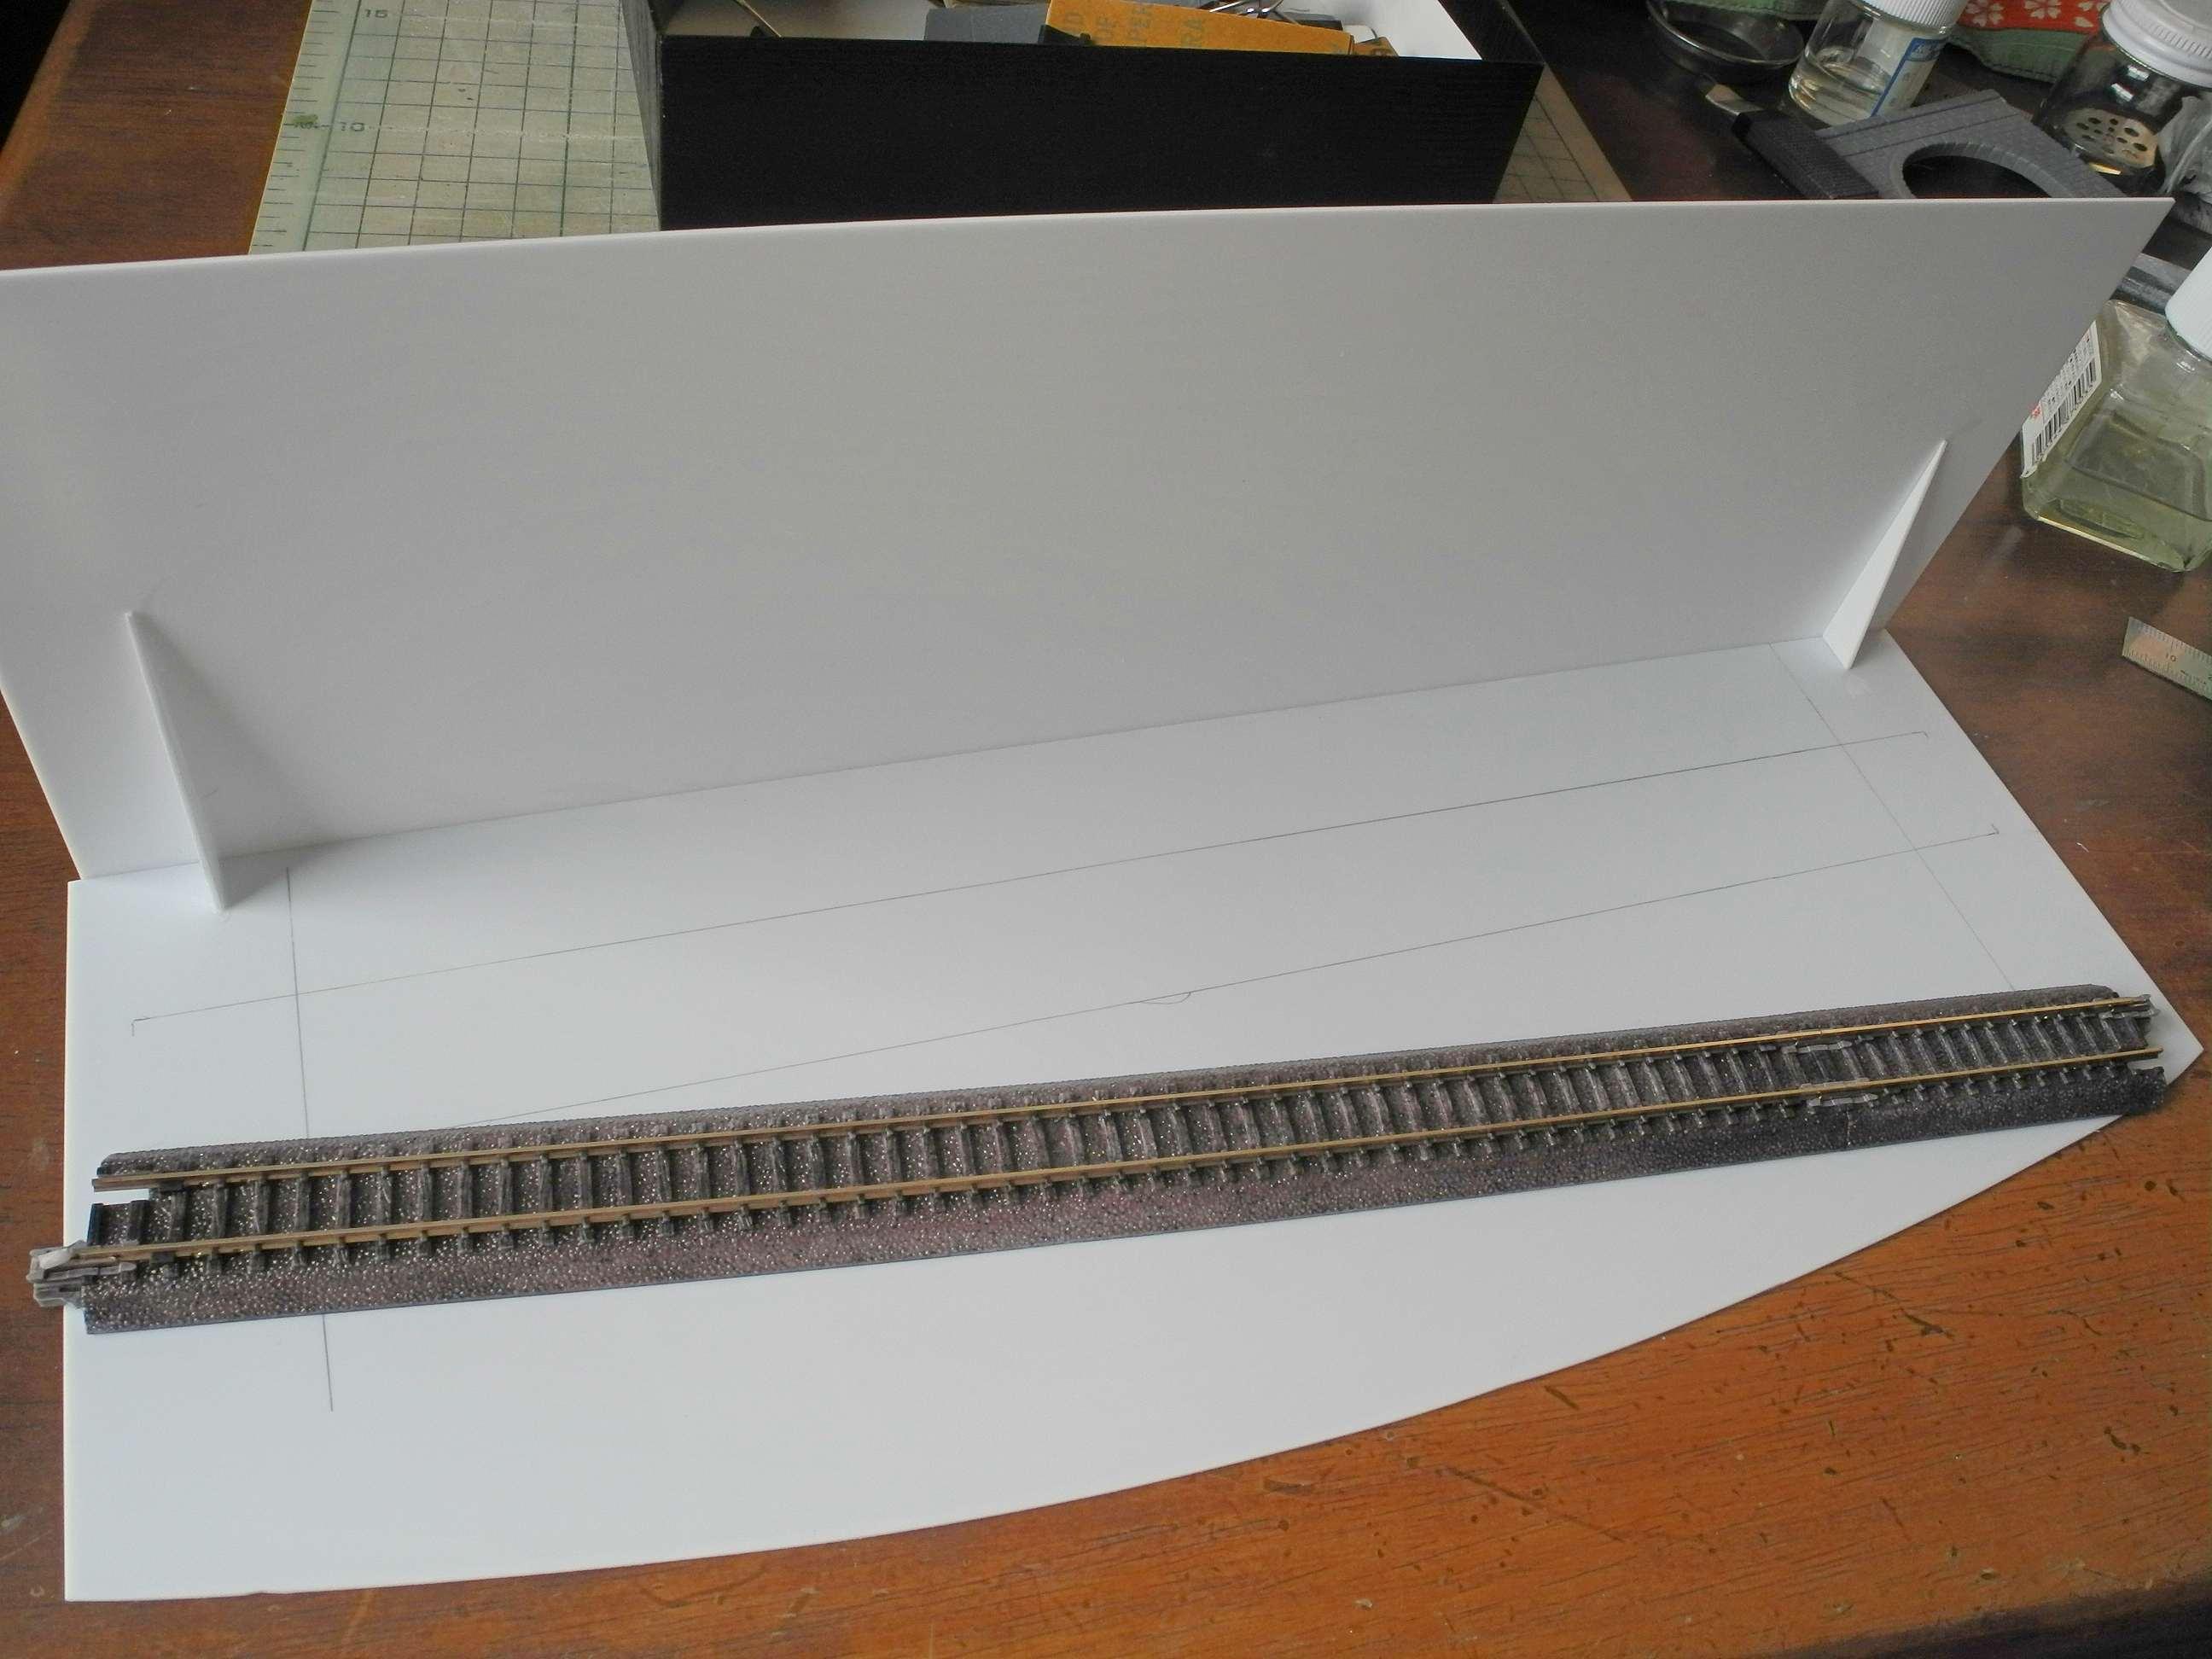 DSCN7131-1.jpg